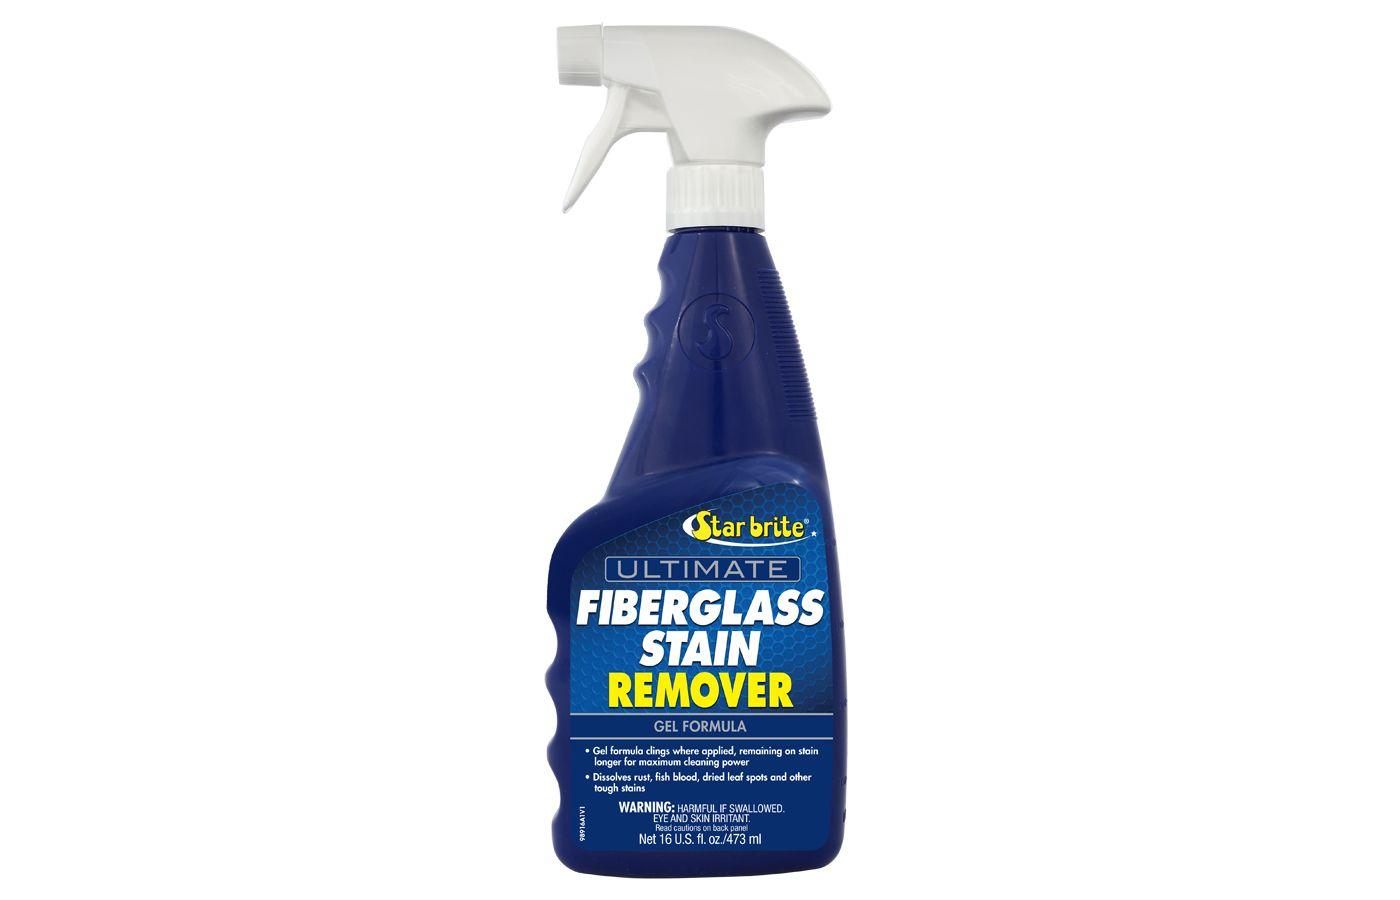 Star brite Ultimate Fiberglass Stain Remover